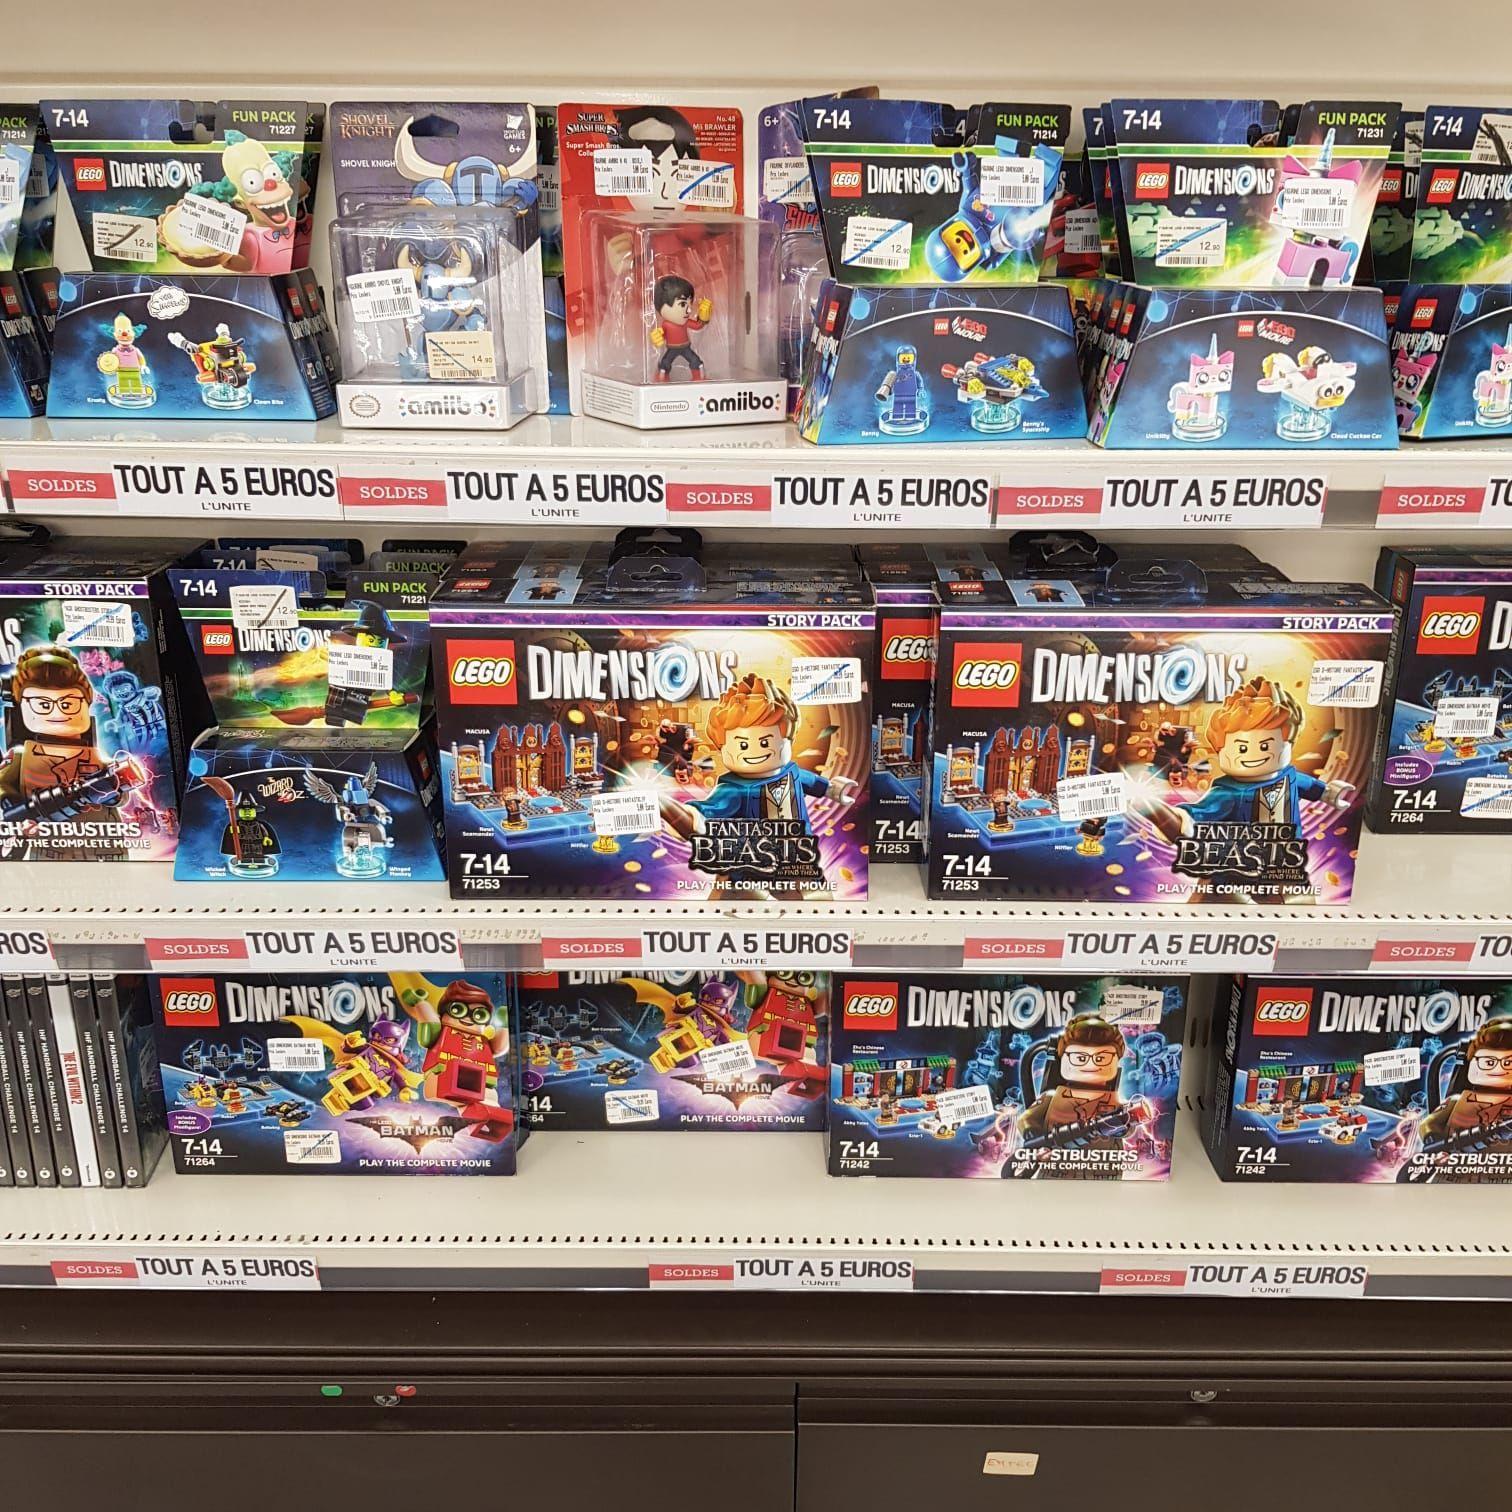 Sélection de Lego Dimensions - Ex : 71242 Ghistbusters (Comboire 38)